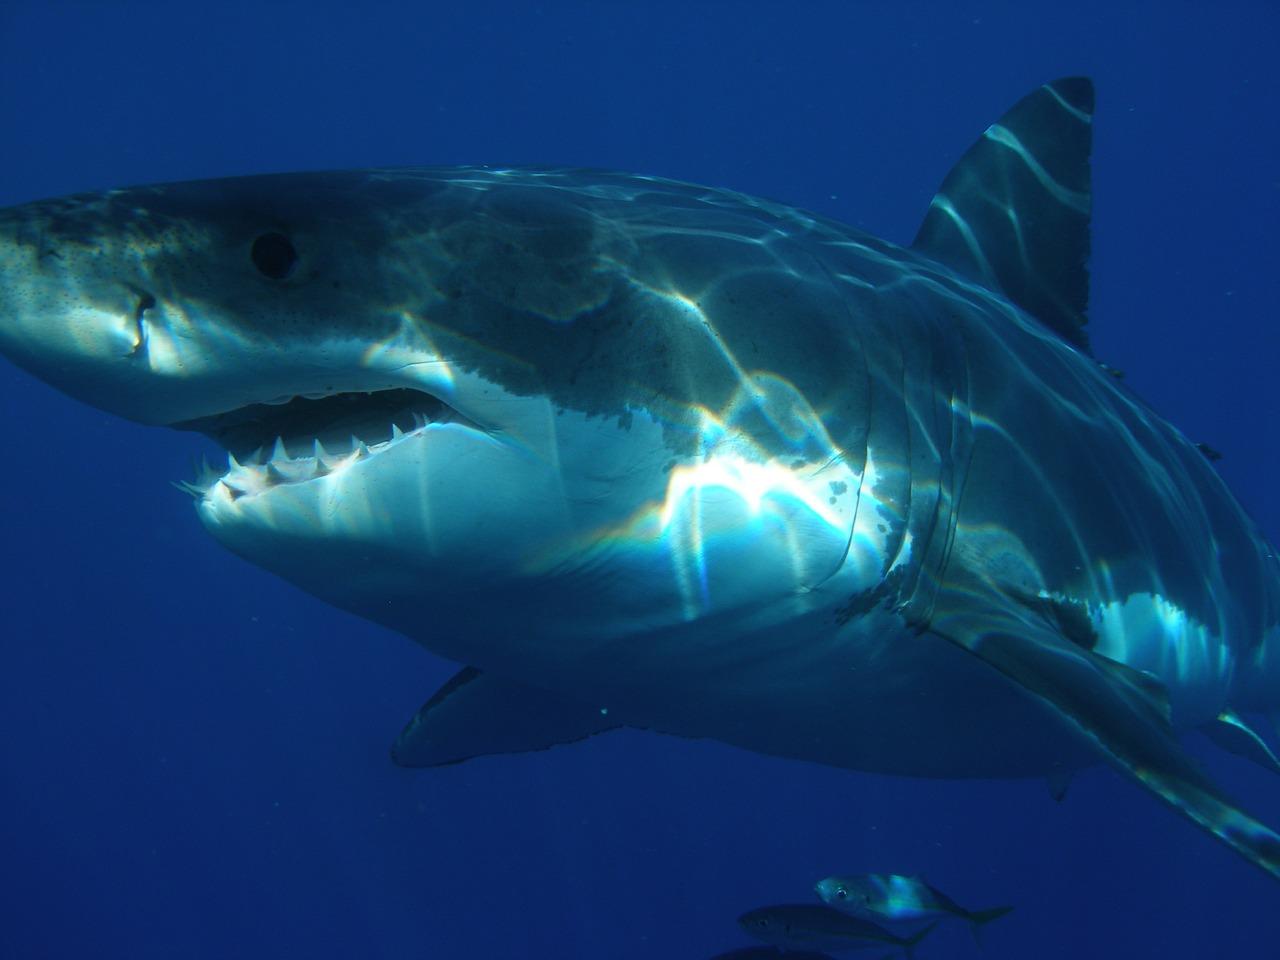 Porodica provela odmor okružena najvećim morskim predatorom!